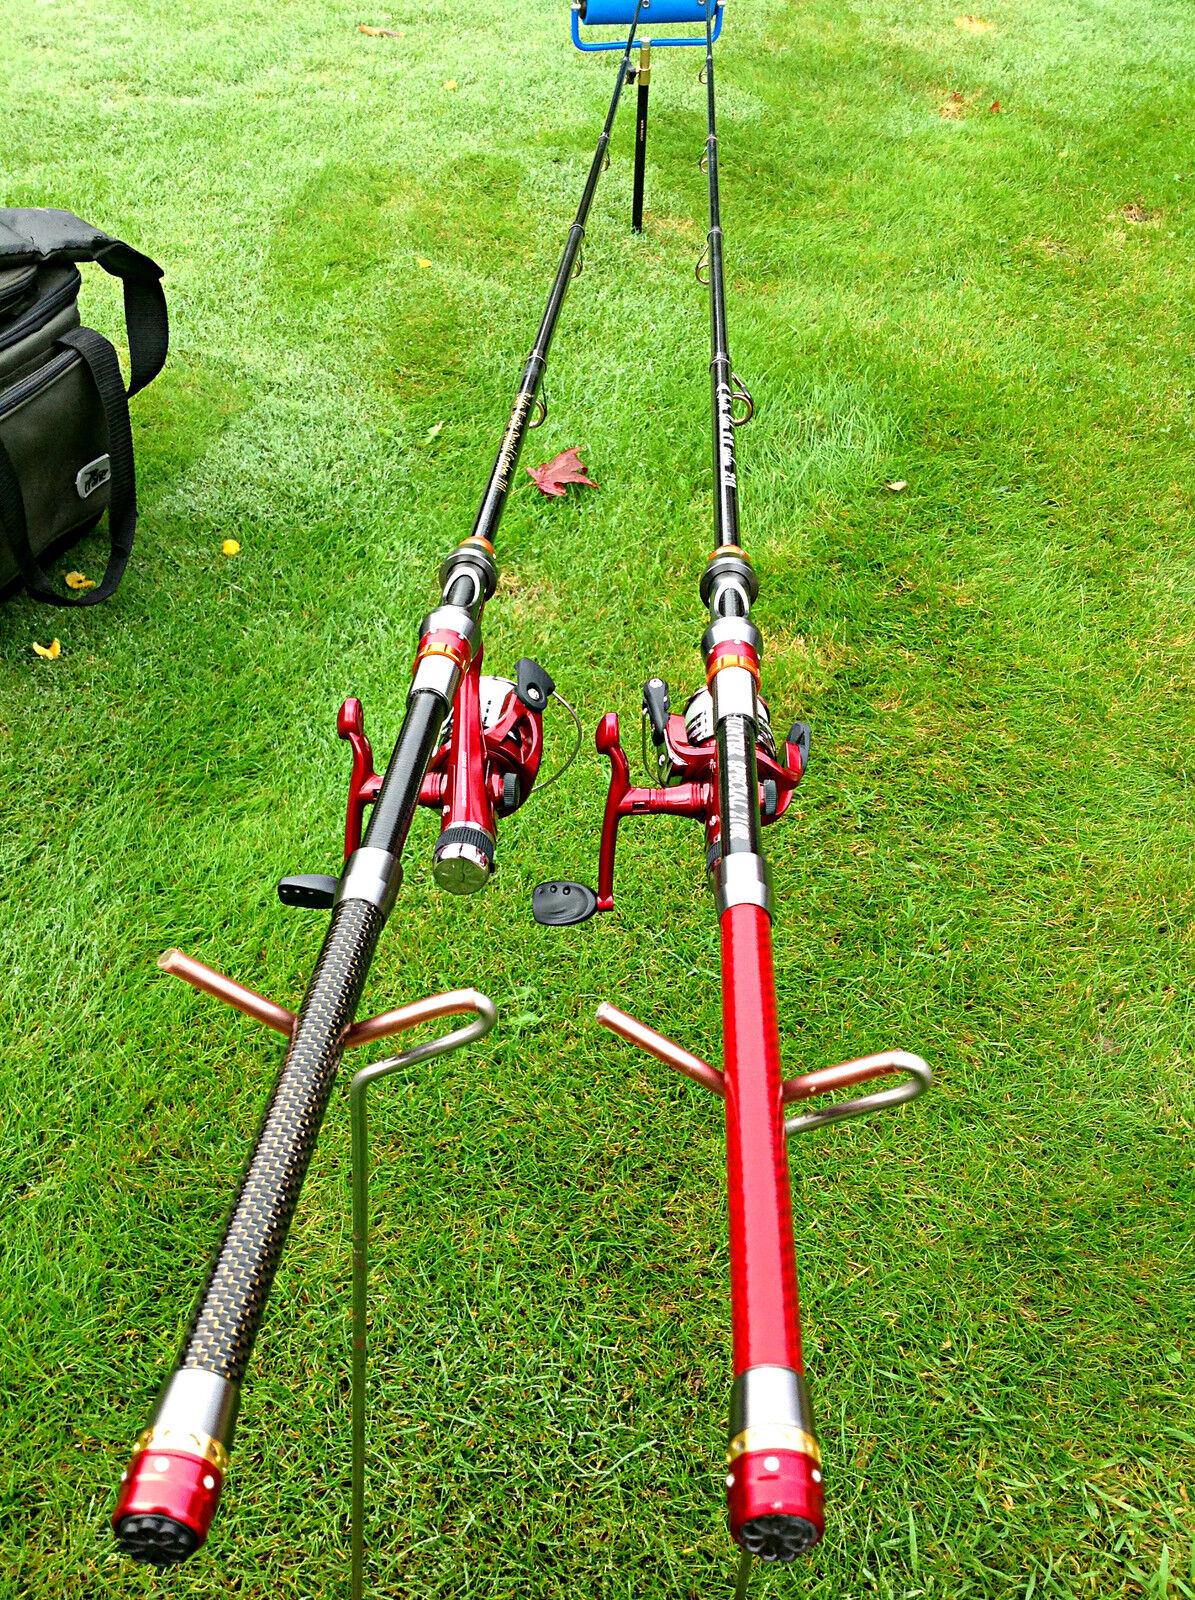 Voyage Carbone 2.1 M M 2.1 Fishing Rod & Reel Set/cannoeing/kayak/FREE POST 160b8c